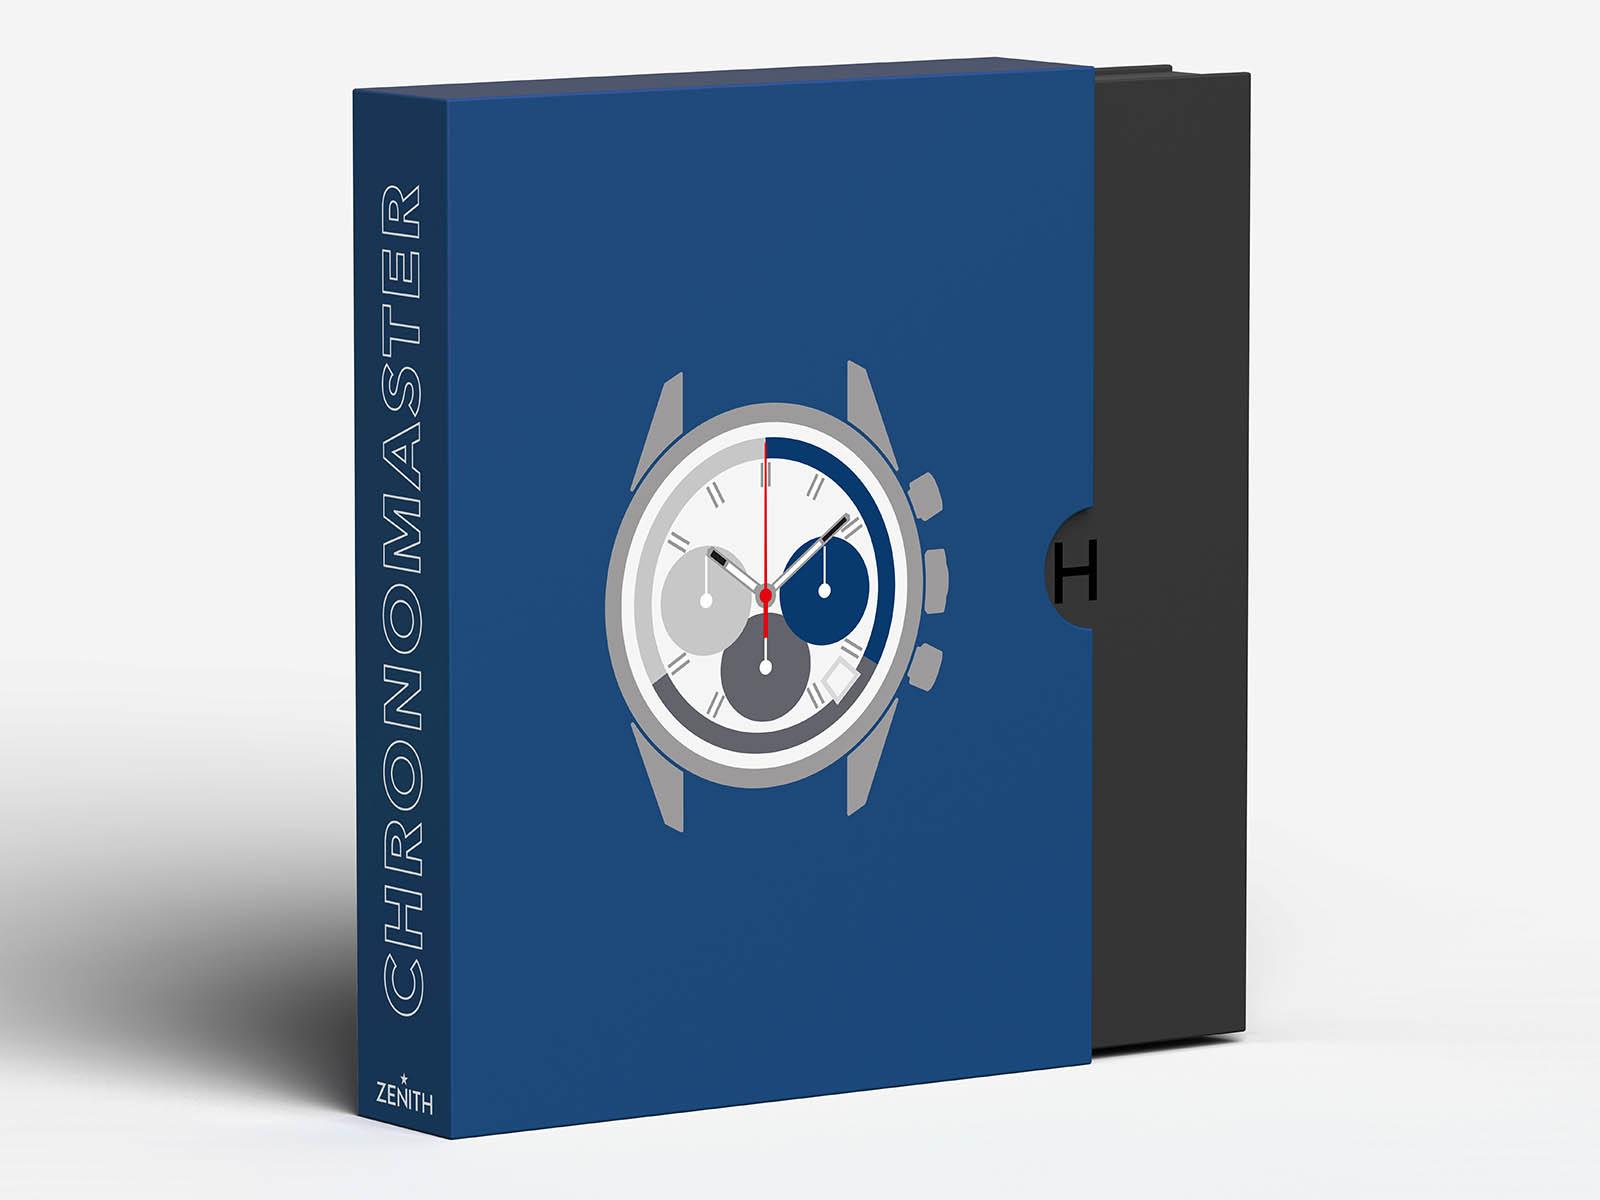 03-3200-3600-34-c869-zenith-chronomaster-e-commerce-edition-8.jpg